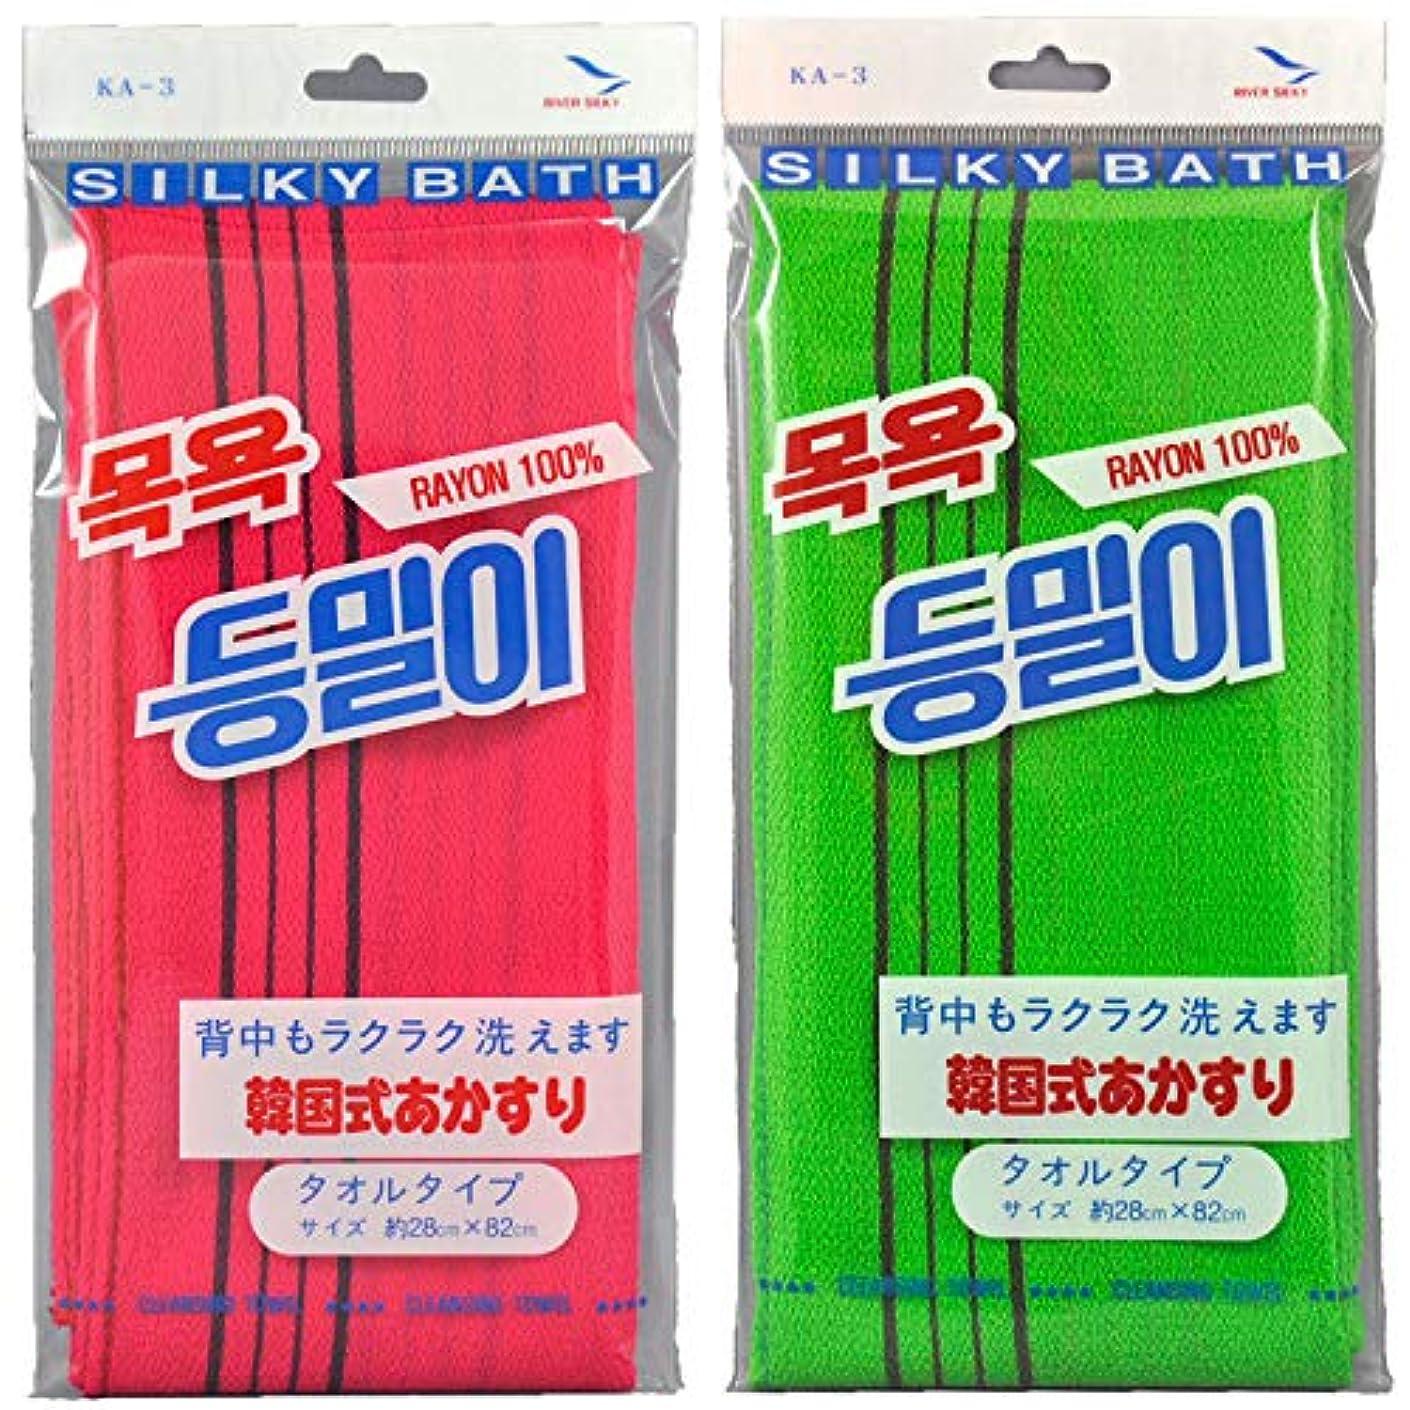 精算機知に富んだケーブルキヌガワカンパニー ボディタオル グリーン/レッド - 韓国発 韓国式あかすり タオル 2色組 KA-3 2色入